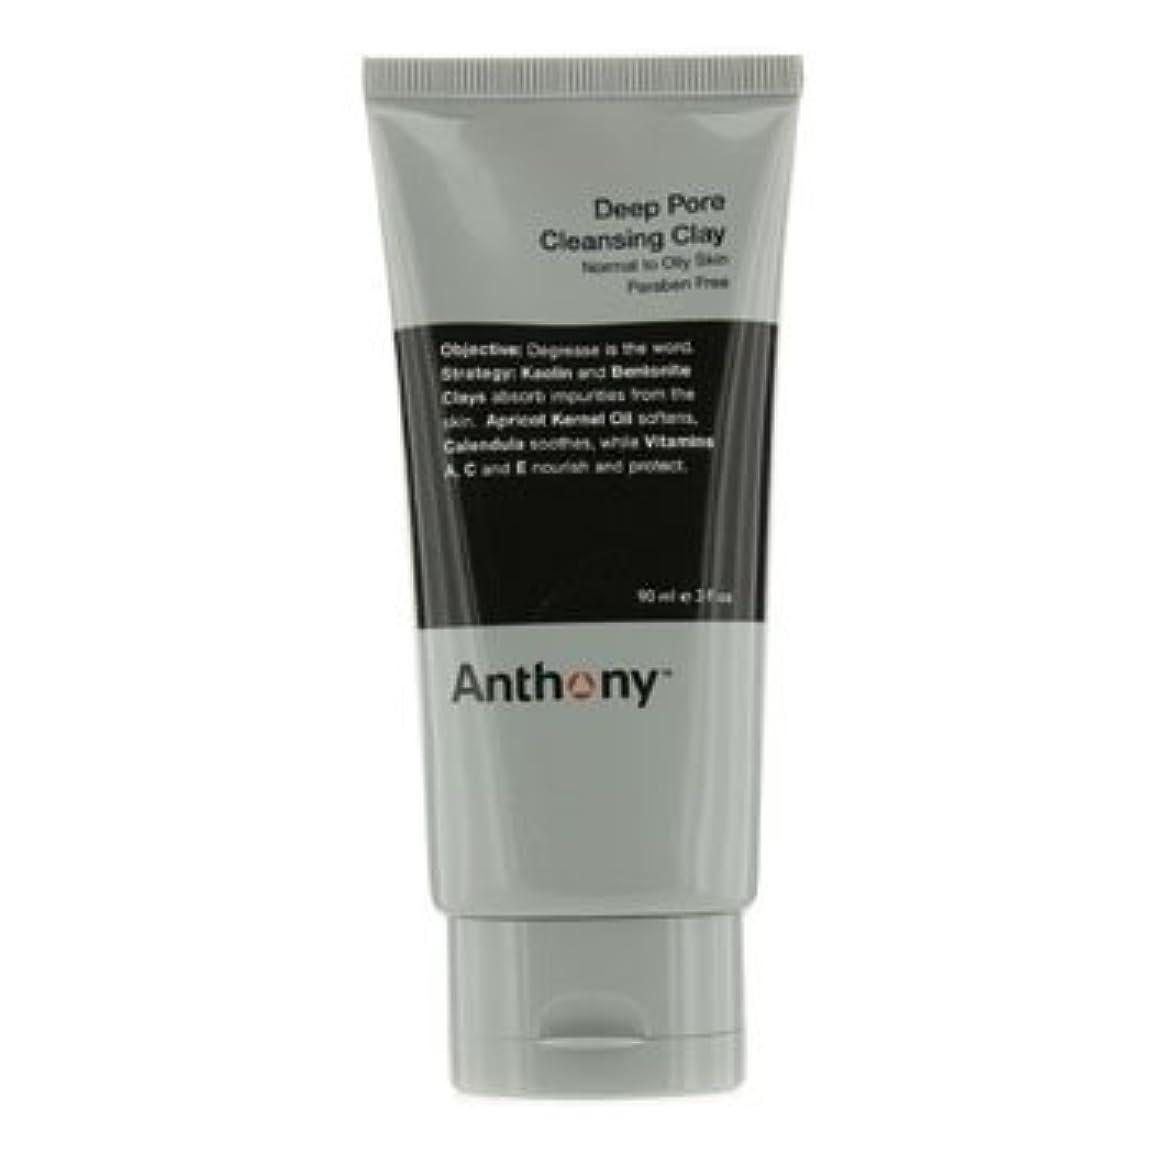 編集者スキップ製油所アンソニー Logistics For Men Deep Pore クレンジング Clay (Normal To Oily Skin) 90g [並行輸入品][海外直送品]